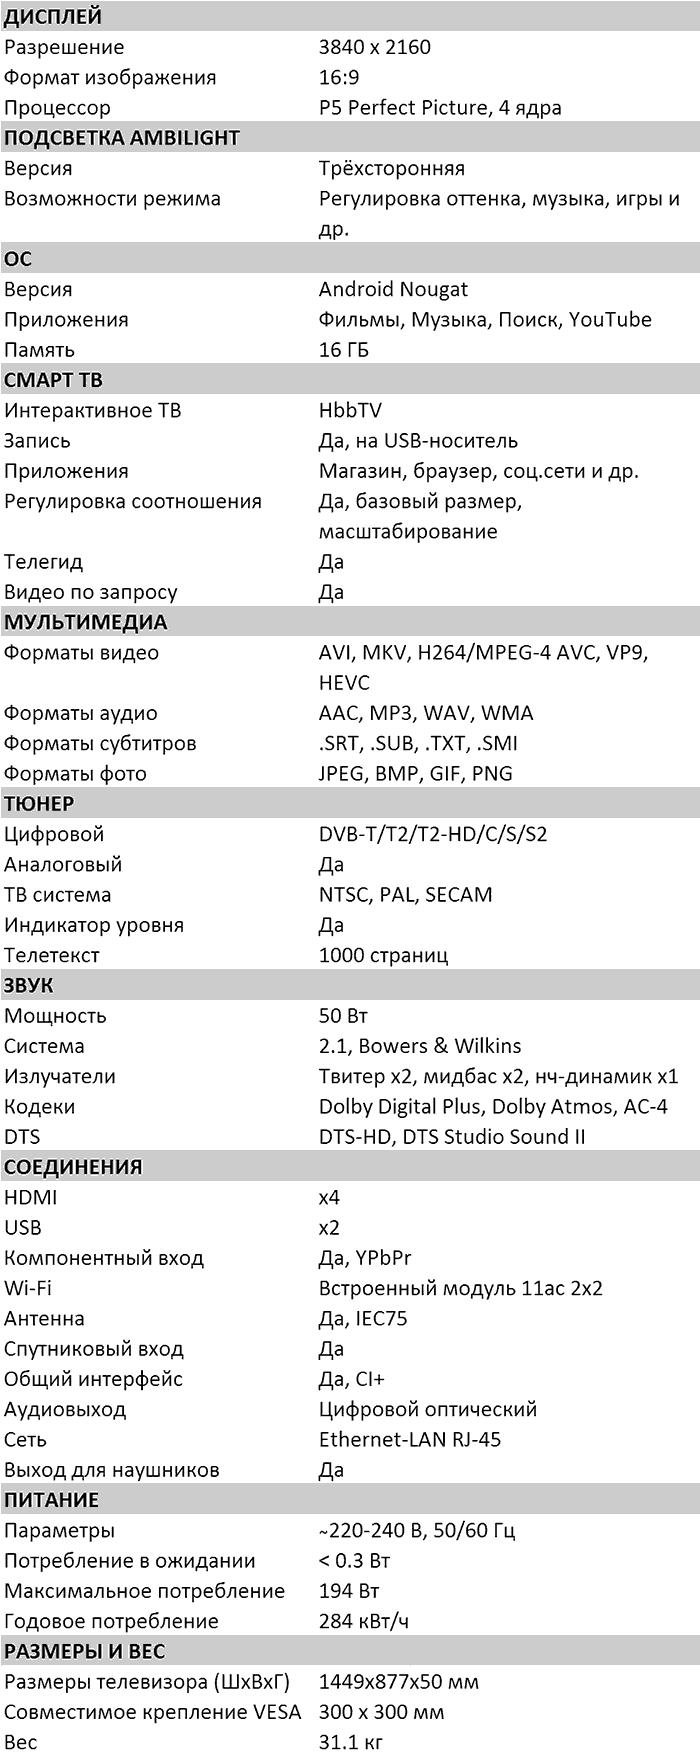 Характеристики OLED903